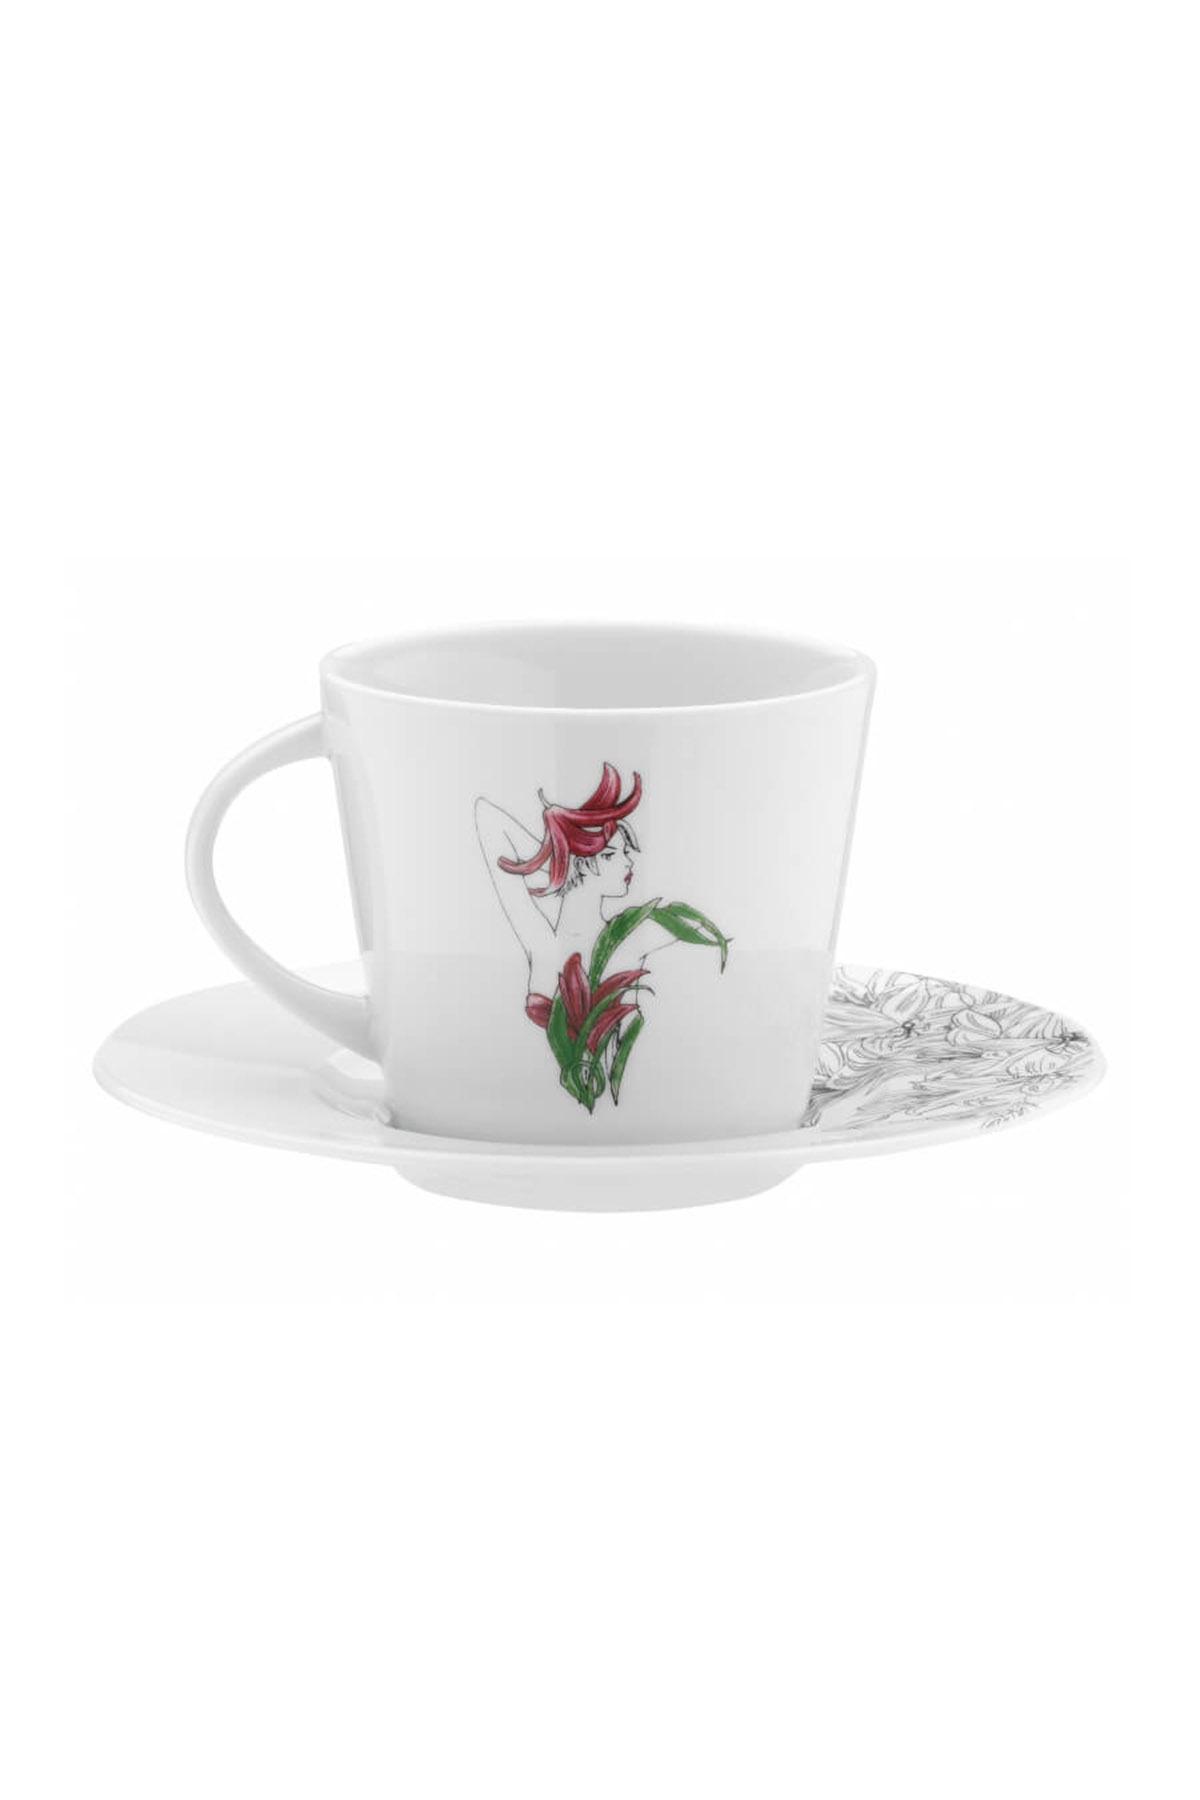 KÜTAHYA PORSELEN - Kütahya Porselen Kadınlarım Serisi 9441 Desen Çay Fincan Takımı